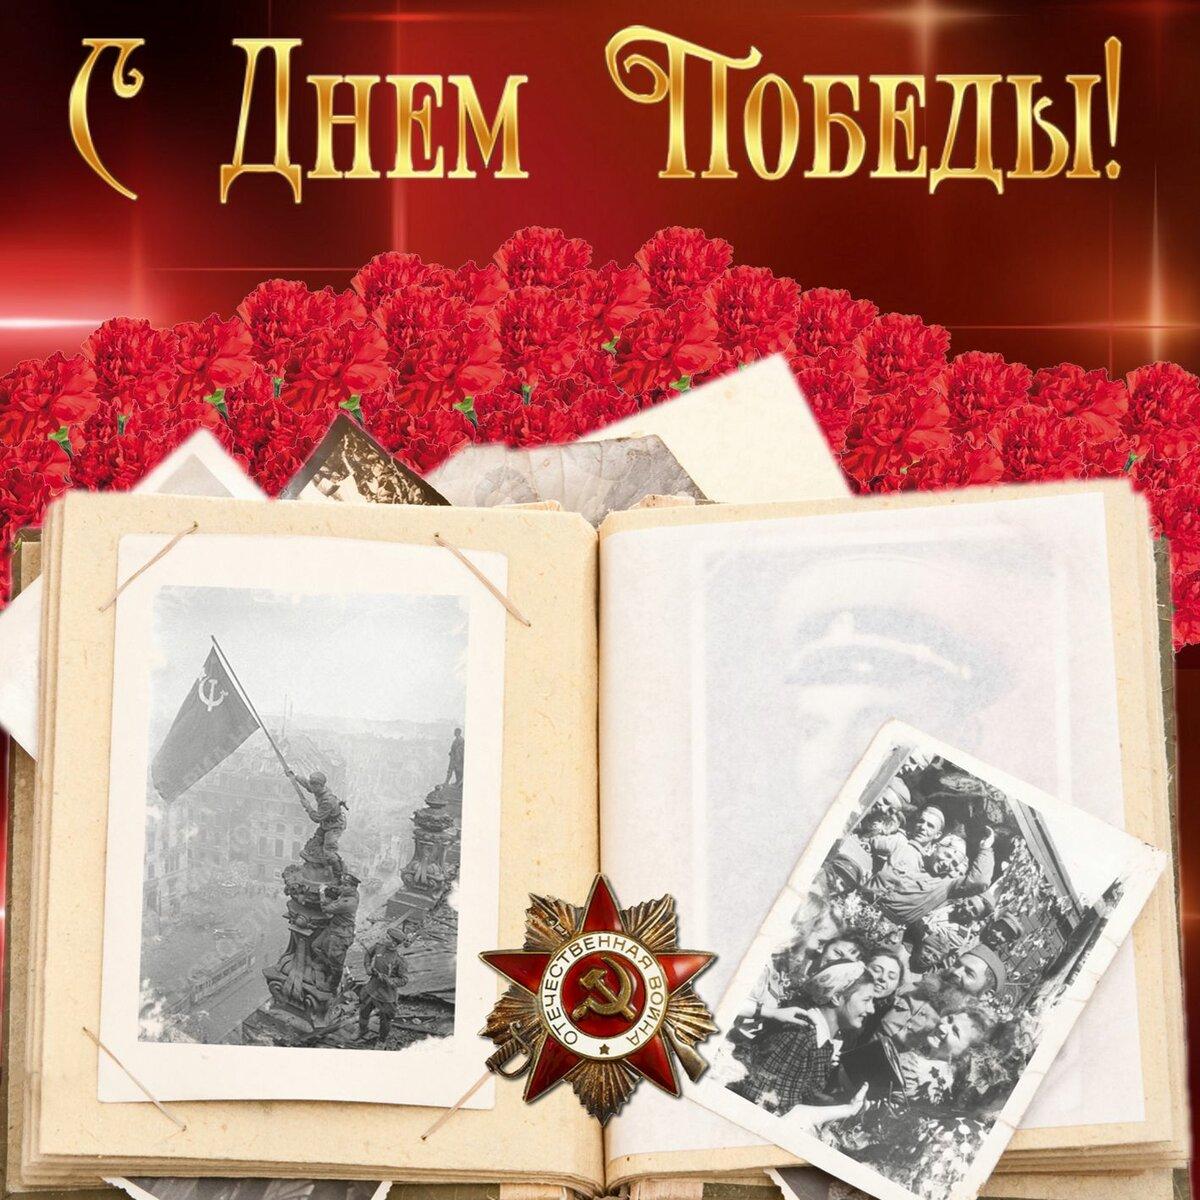 Фото открытка с днем победы 9 мая, мировая